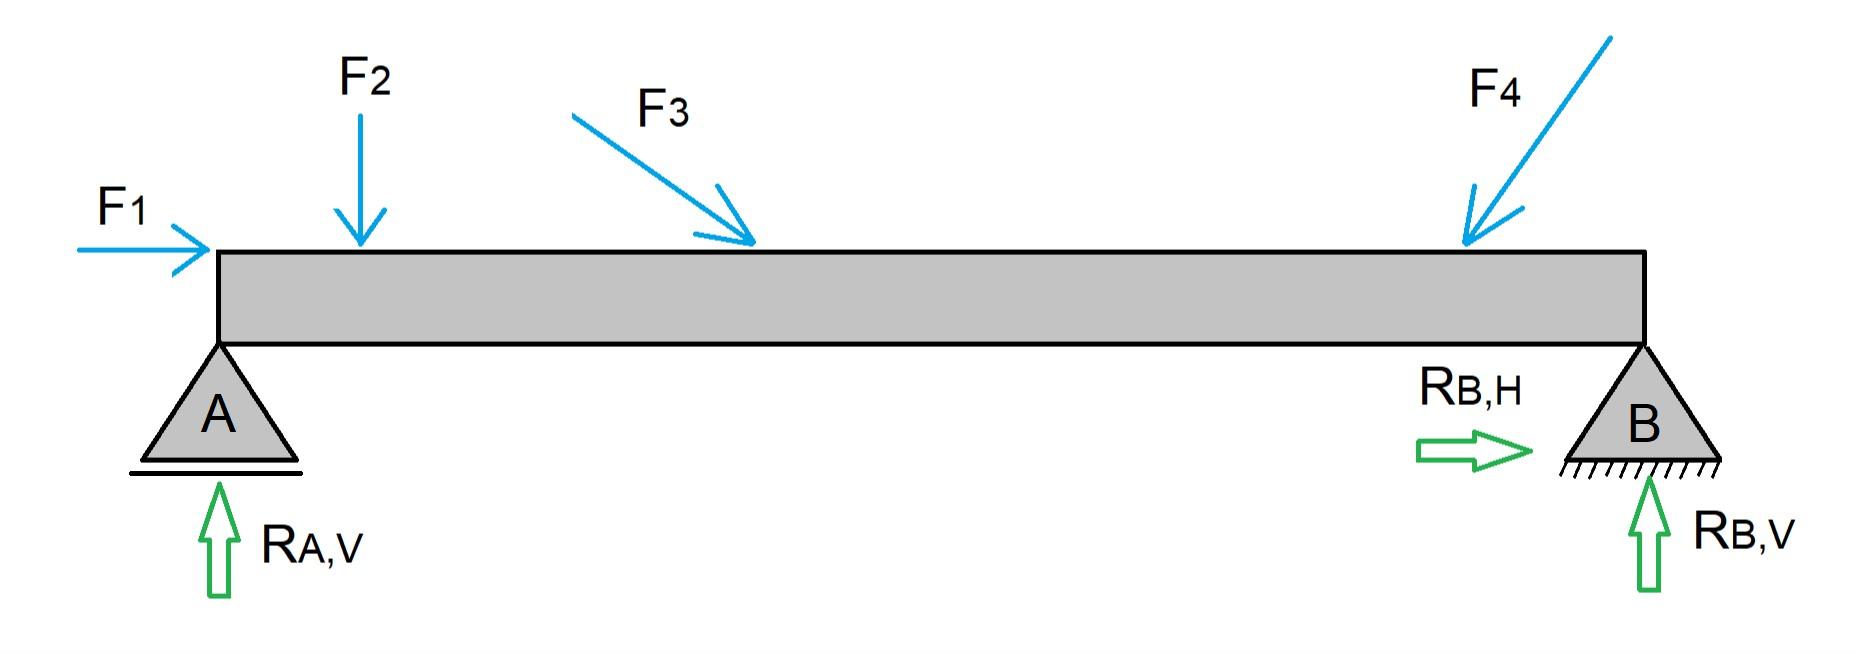 Forças atuando sobre uma viga isostática